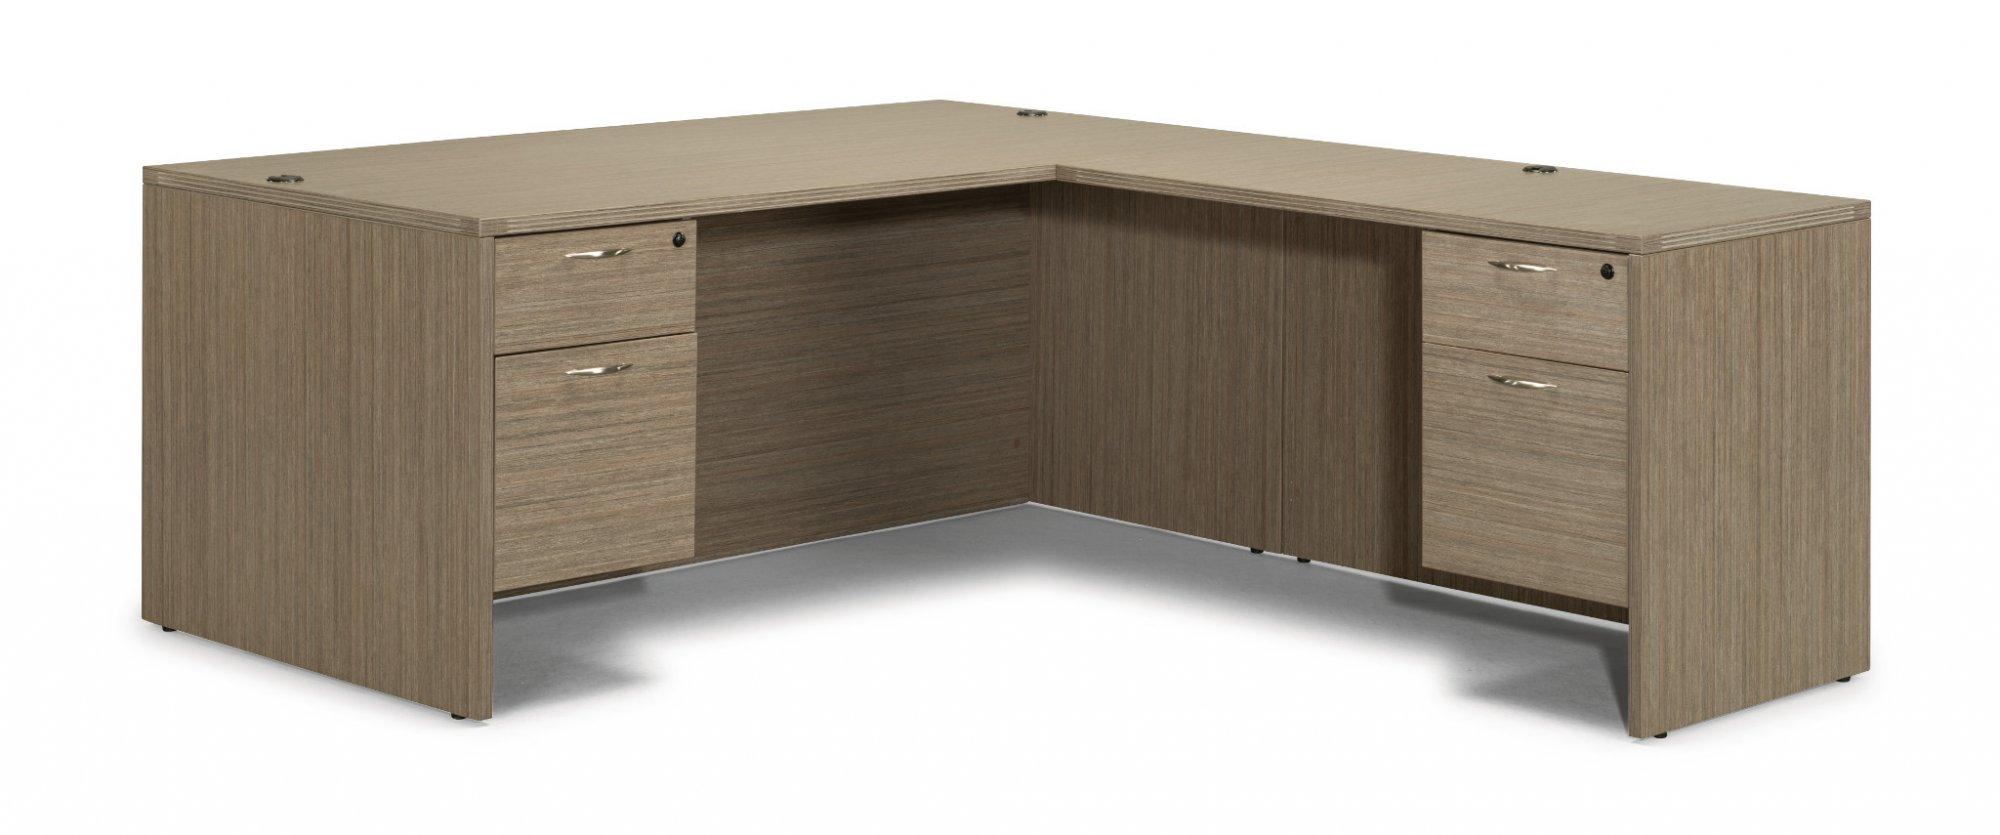 Flexsteel Fairplex  Right/Left Executive L Desk with 3/4 Peds